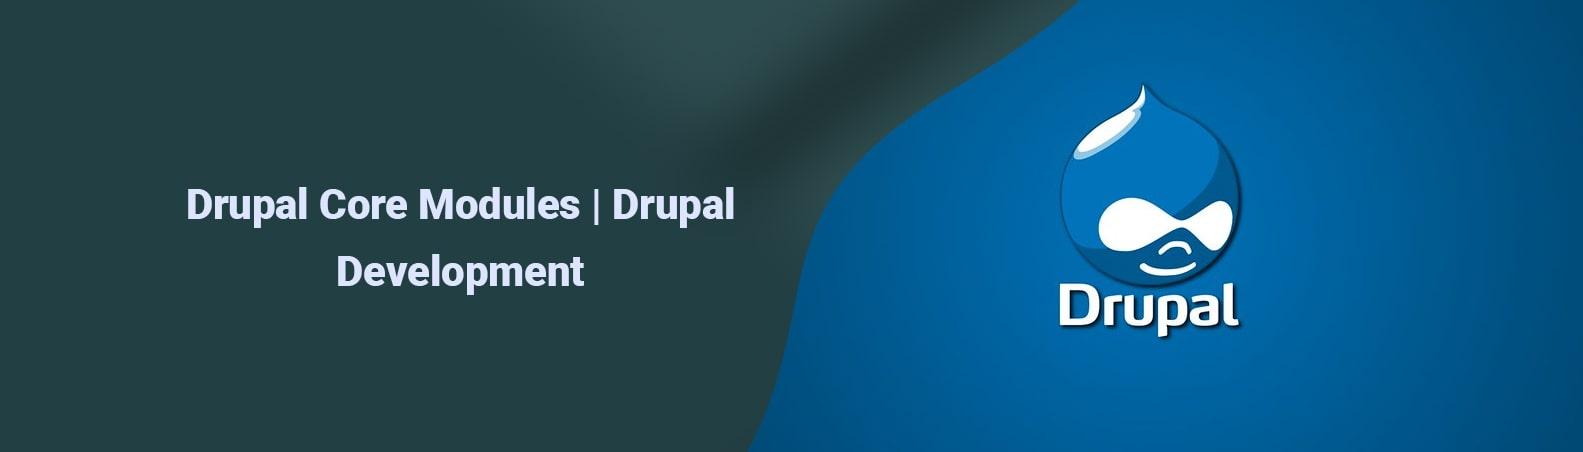 Drupal Core Modules-min